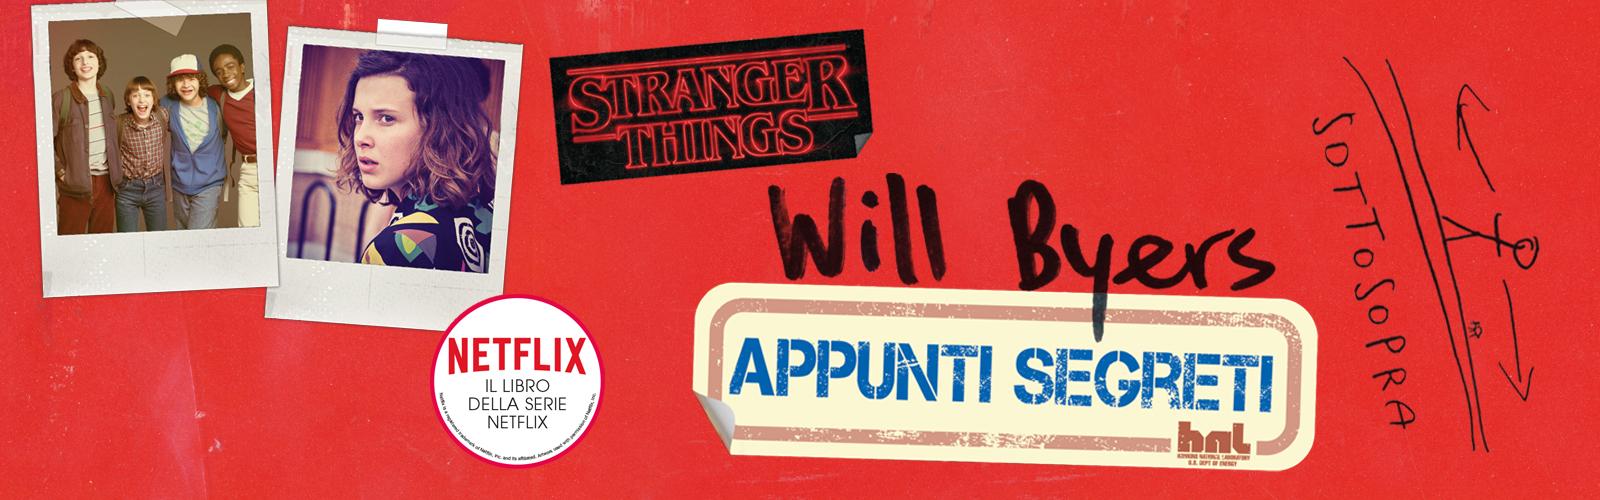 slider-stranger-things